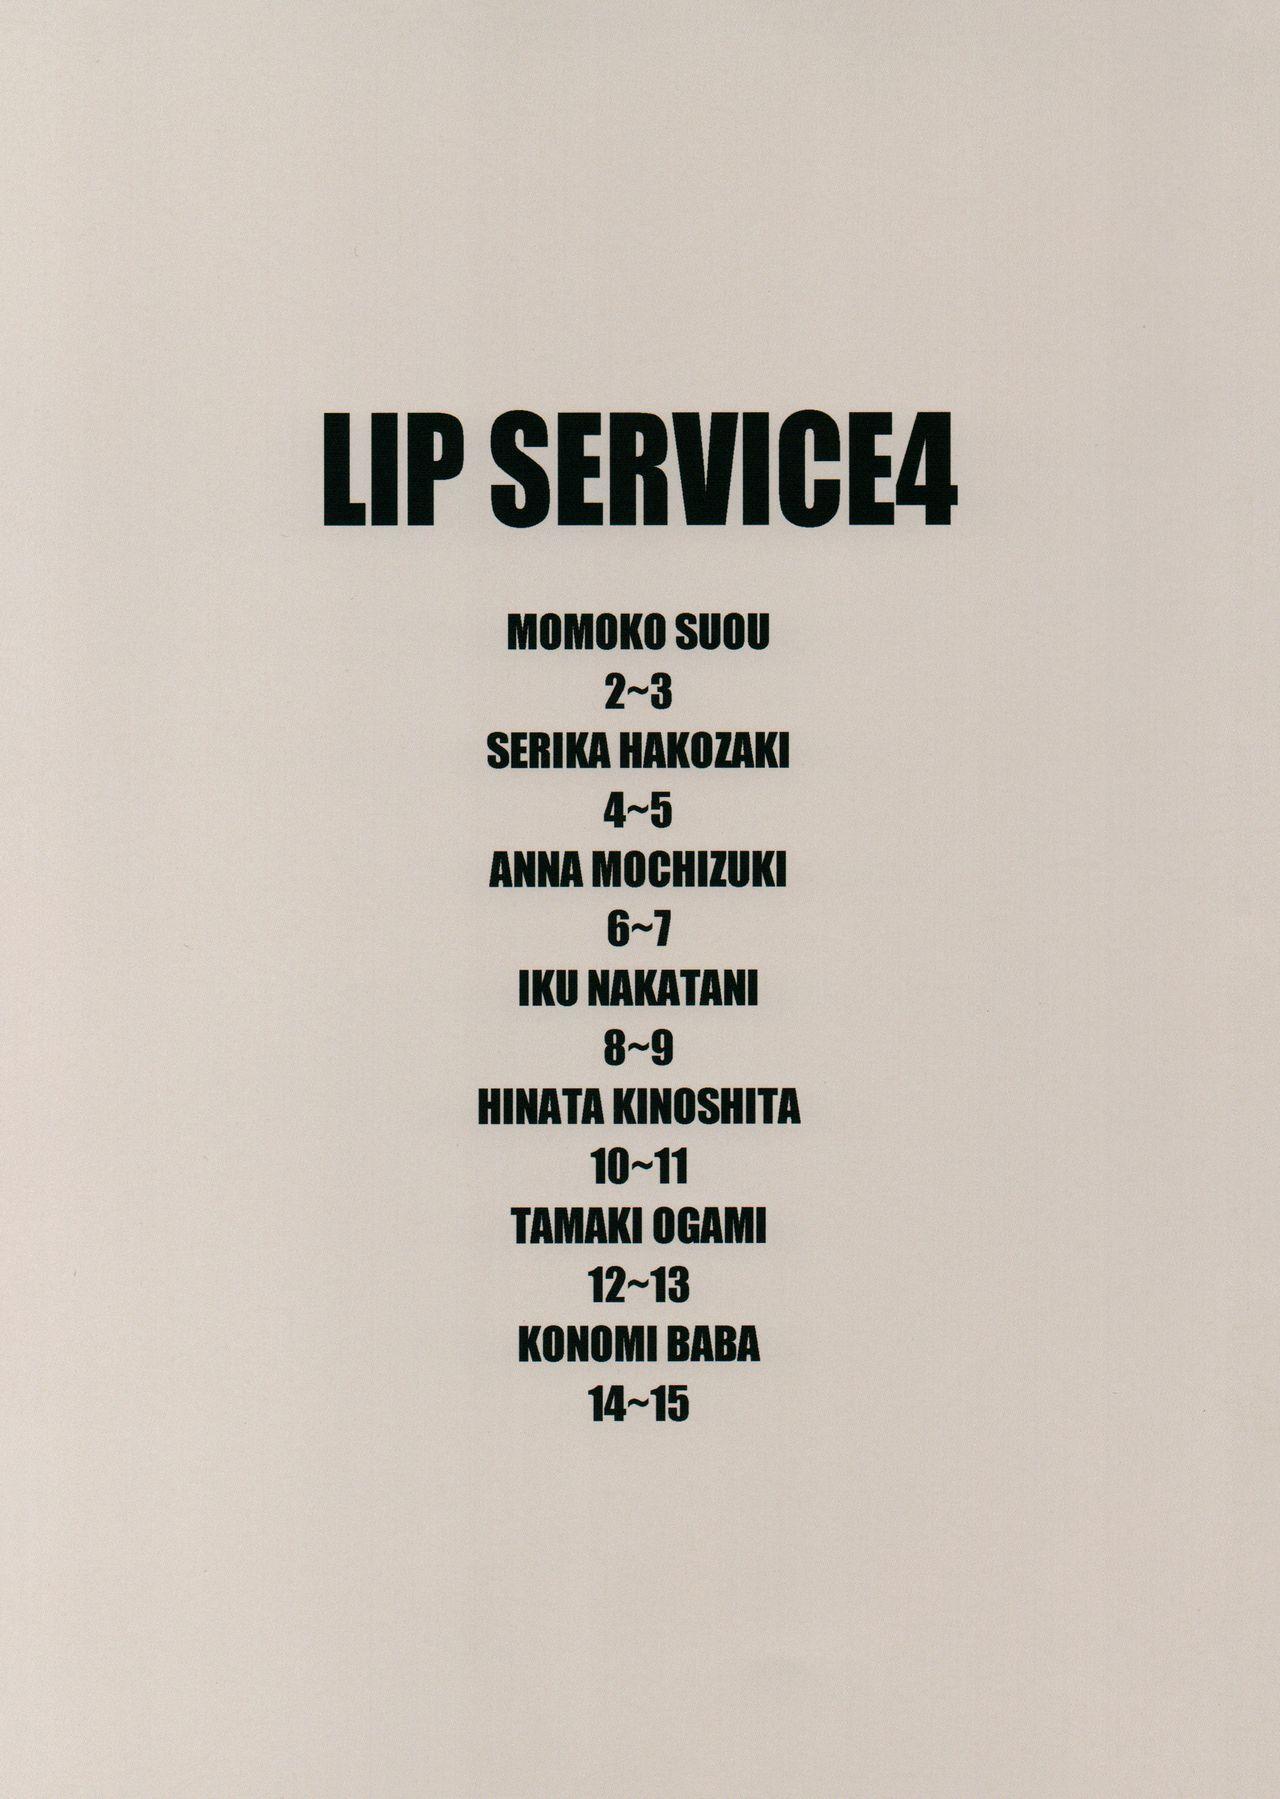 LIP SERVICE 4 2